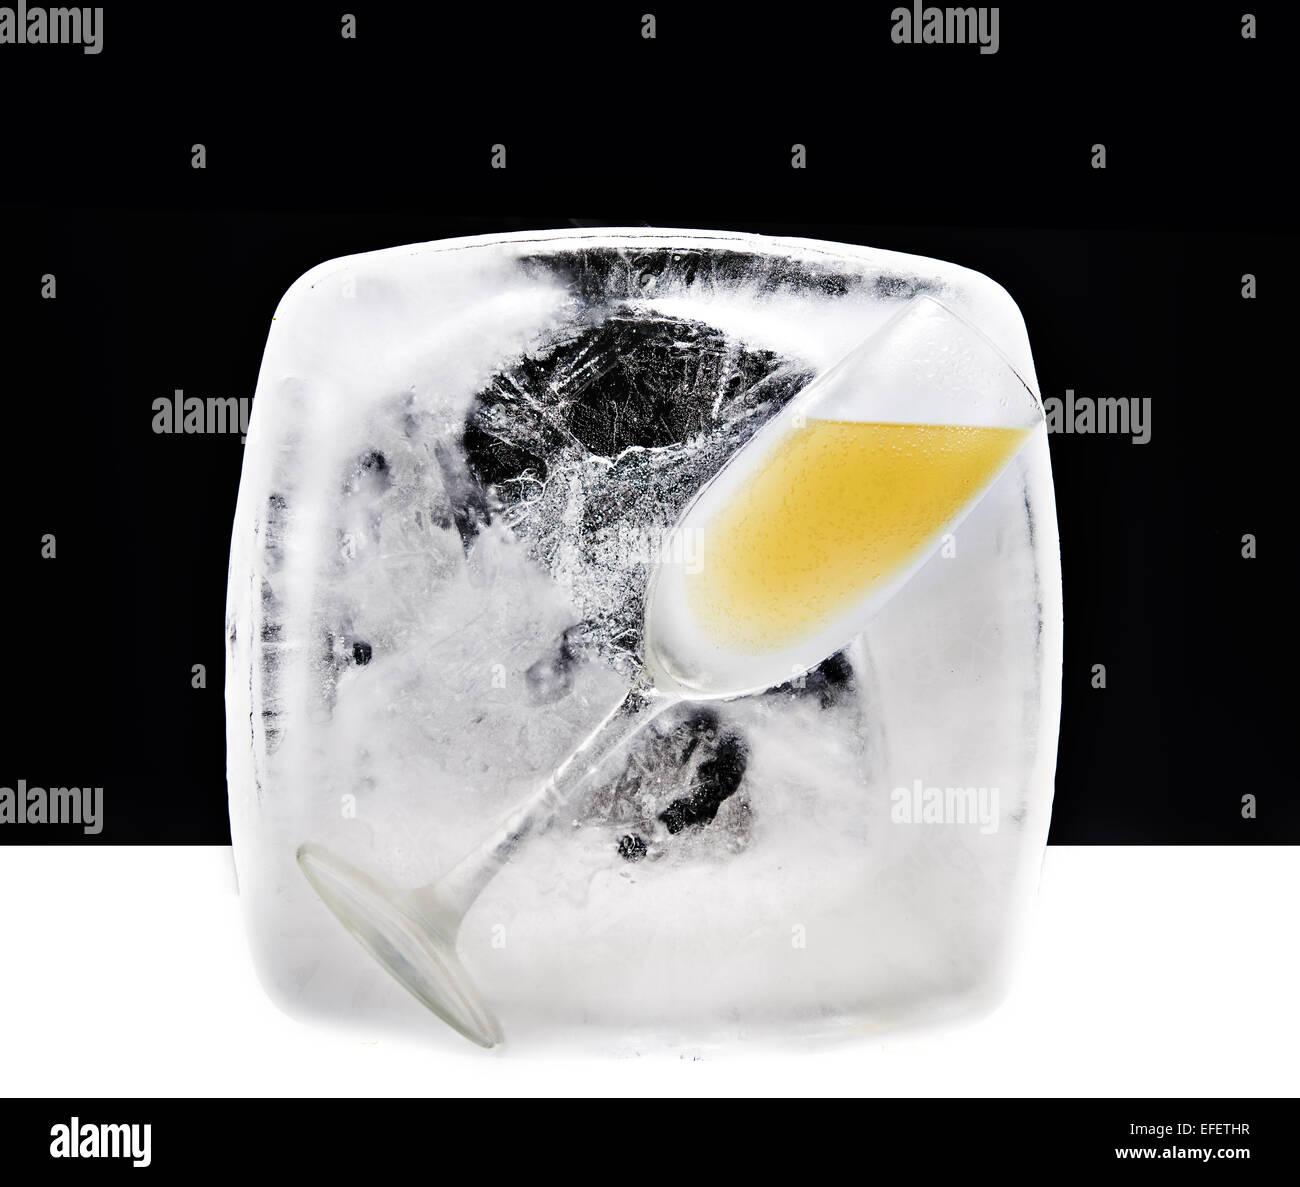 Classe Champagne riempito con champagne in un blocco di ghiaccio Immagini Stock